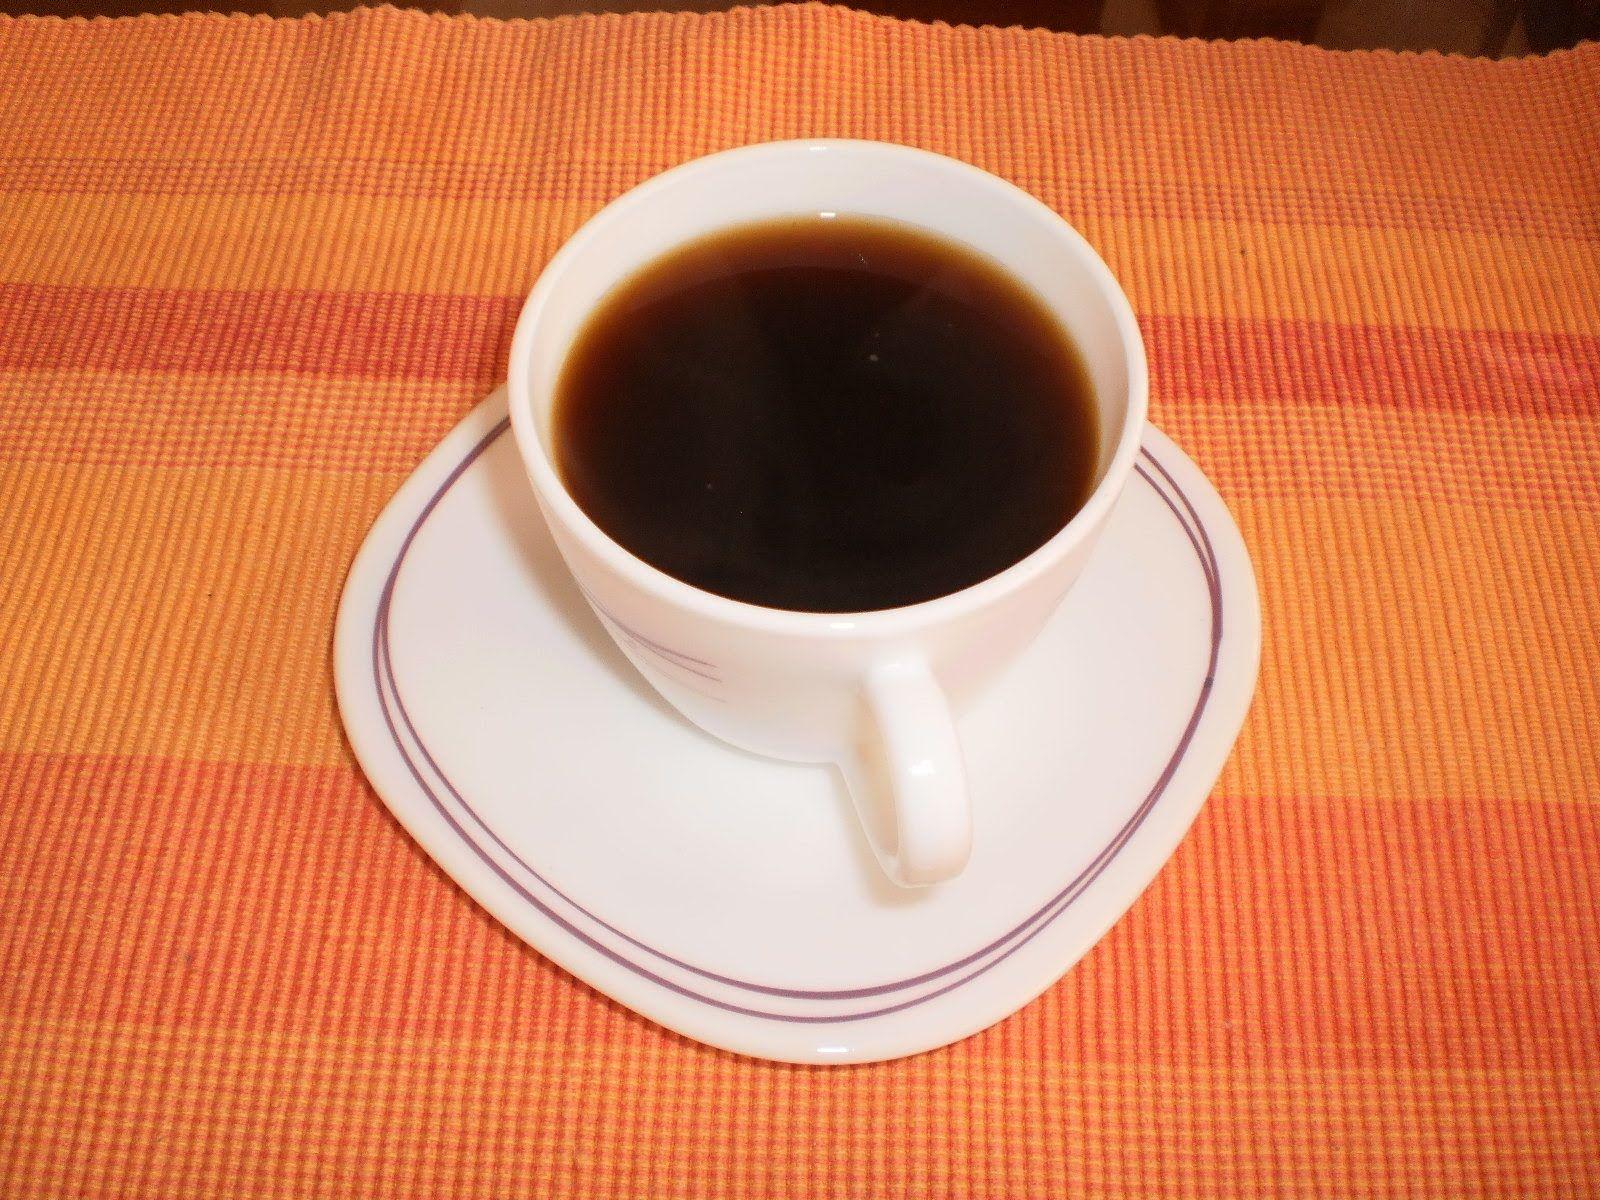 Cocina Real Free: Tinto Campesino Colombiano o Café negro con canela